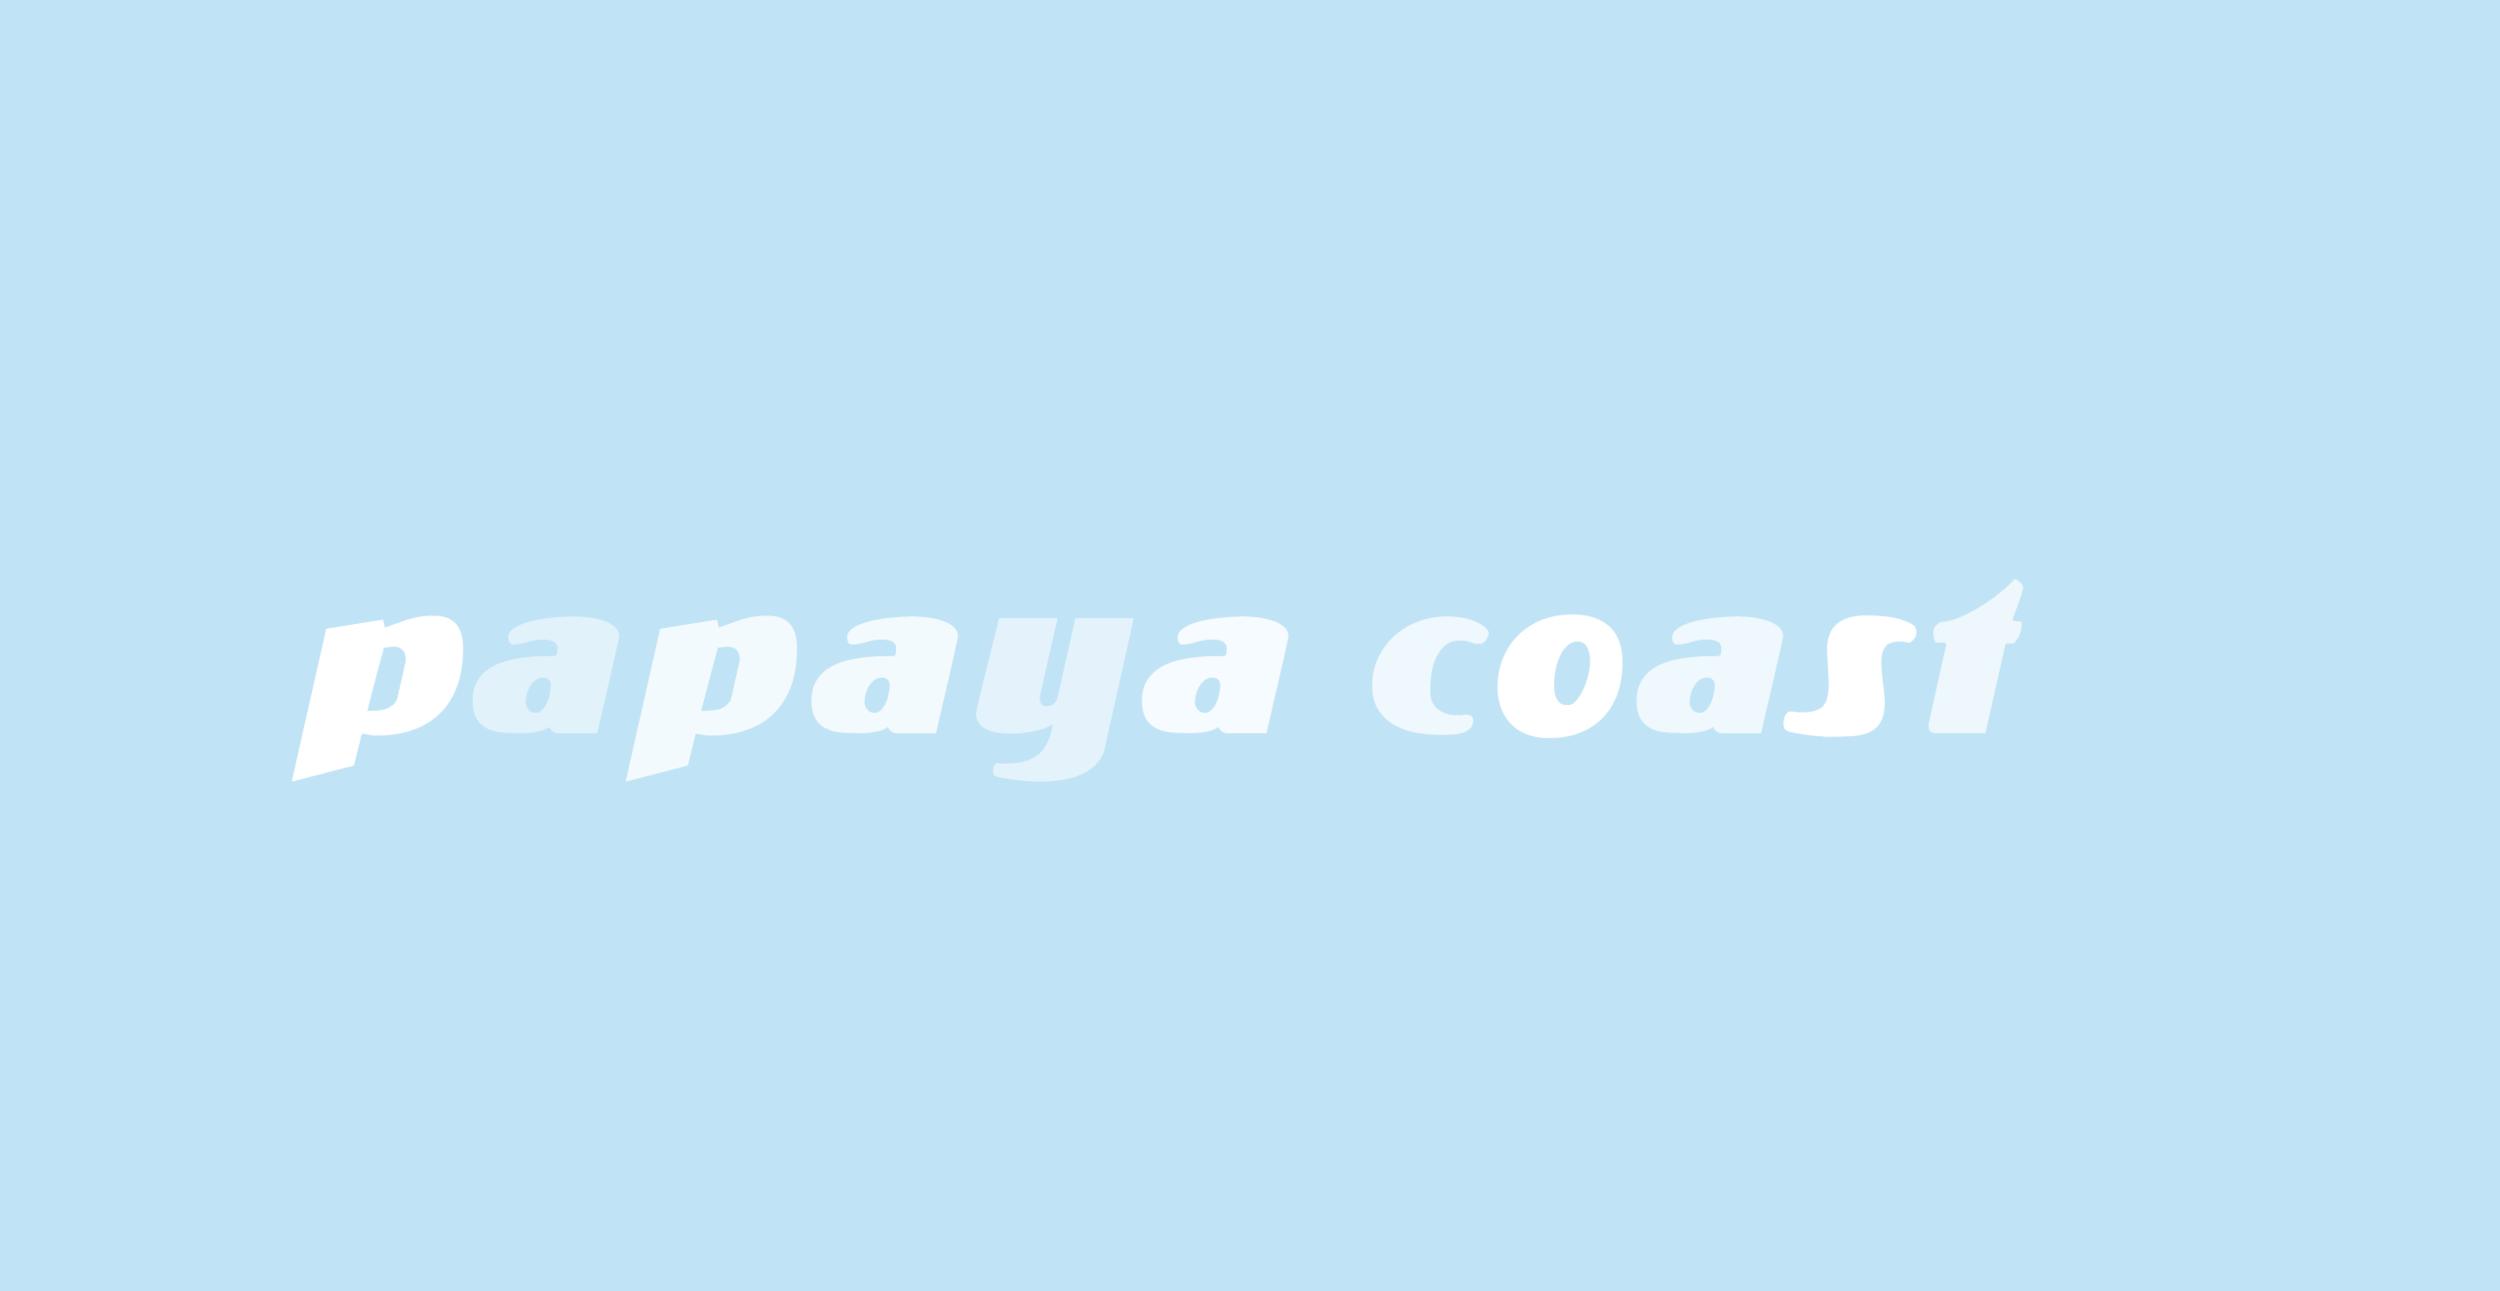 PF_PapayaCoast_ColorBG2.png